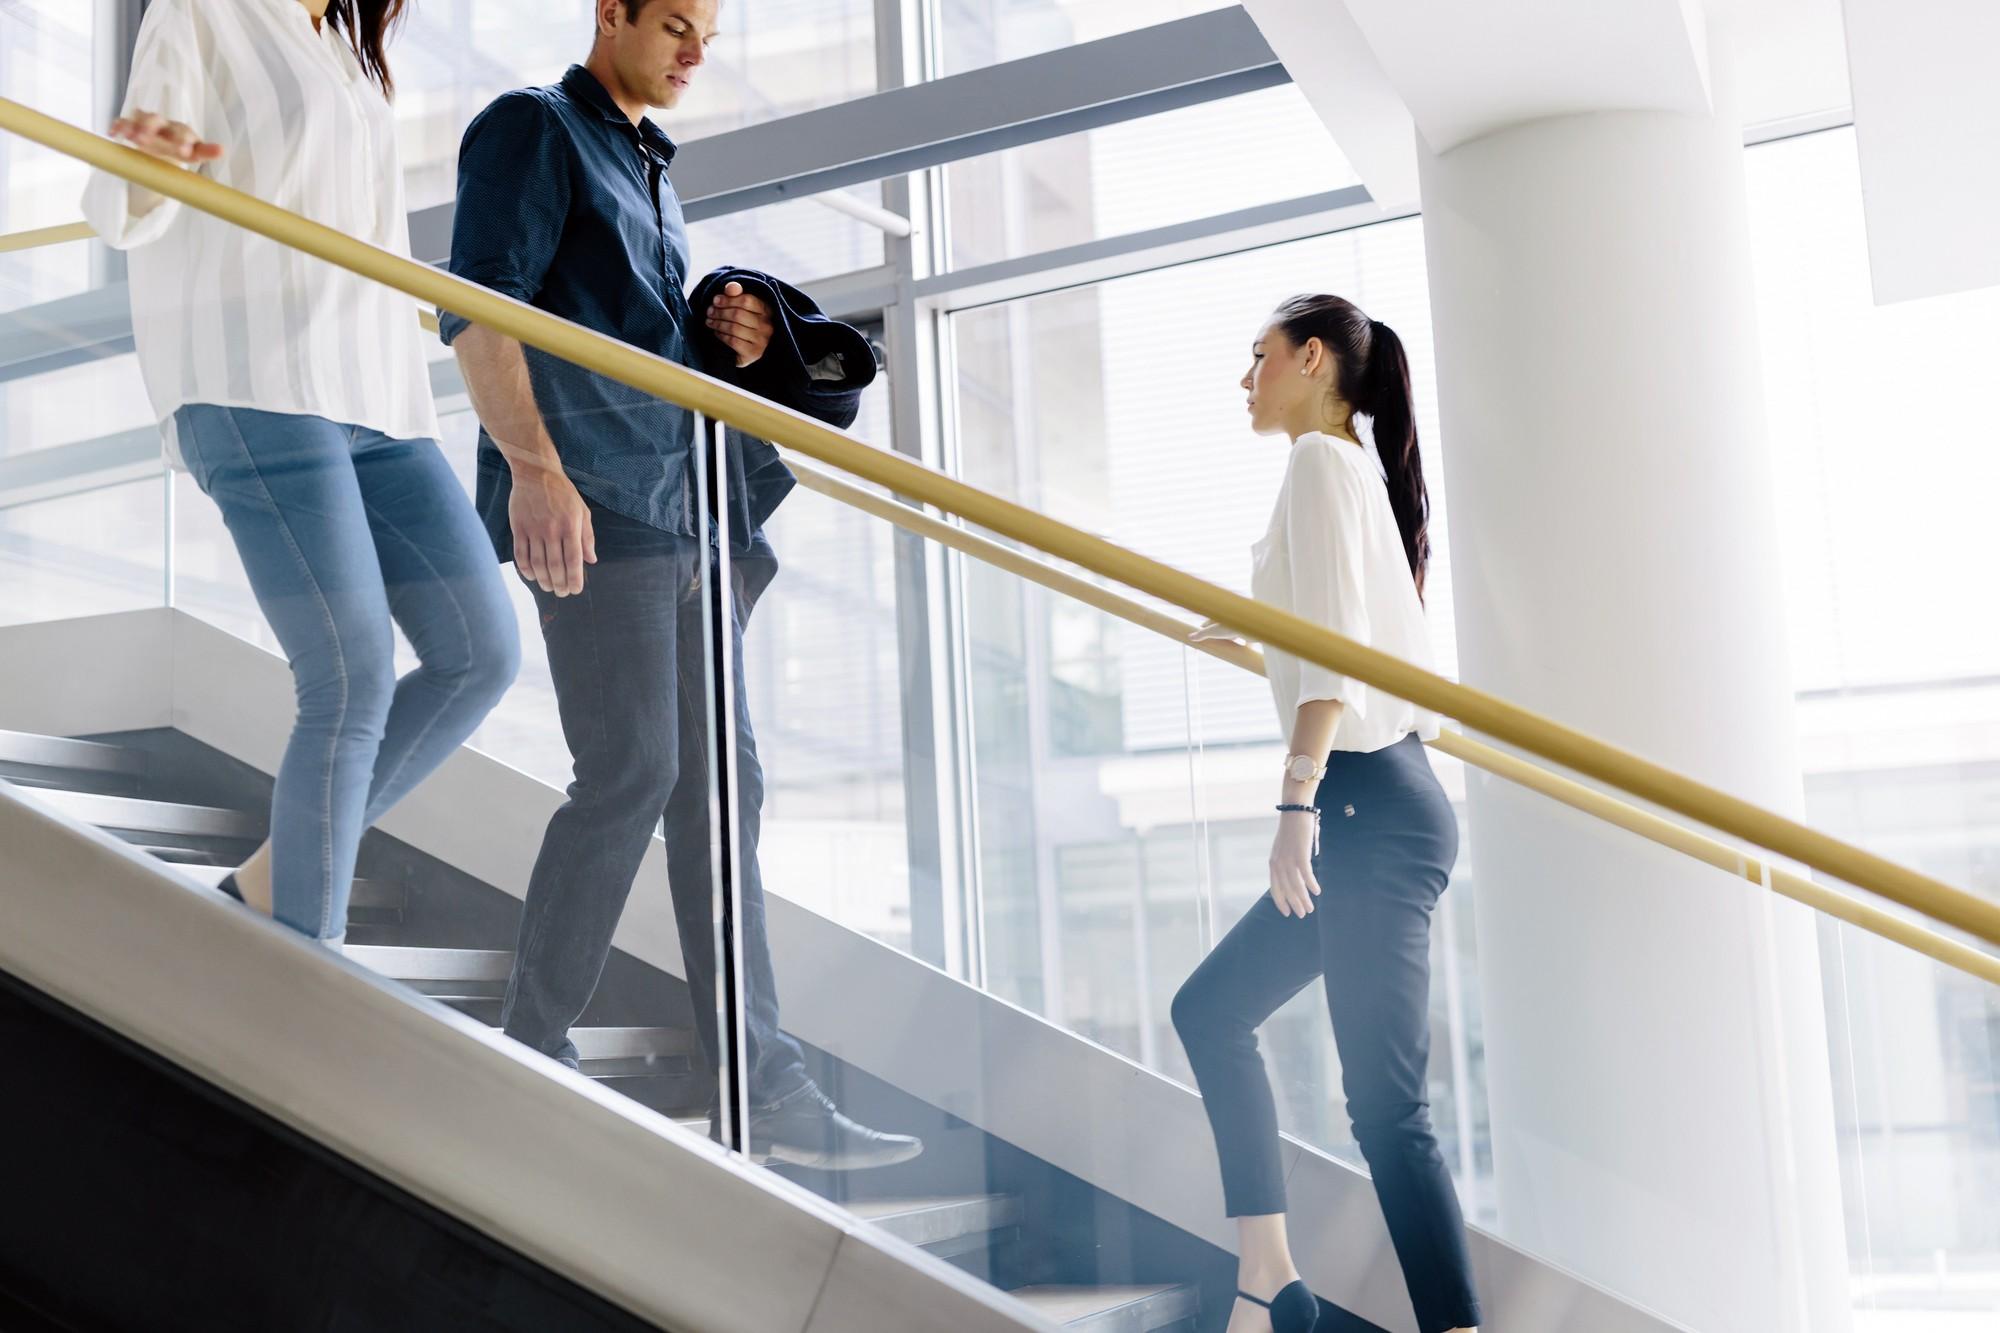 Đi làm cả ngày không có thời gian thì hãy làm những điều này thay cho tập thể dục - Ảnh 1.